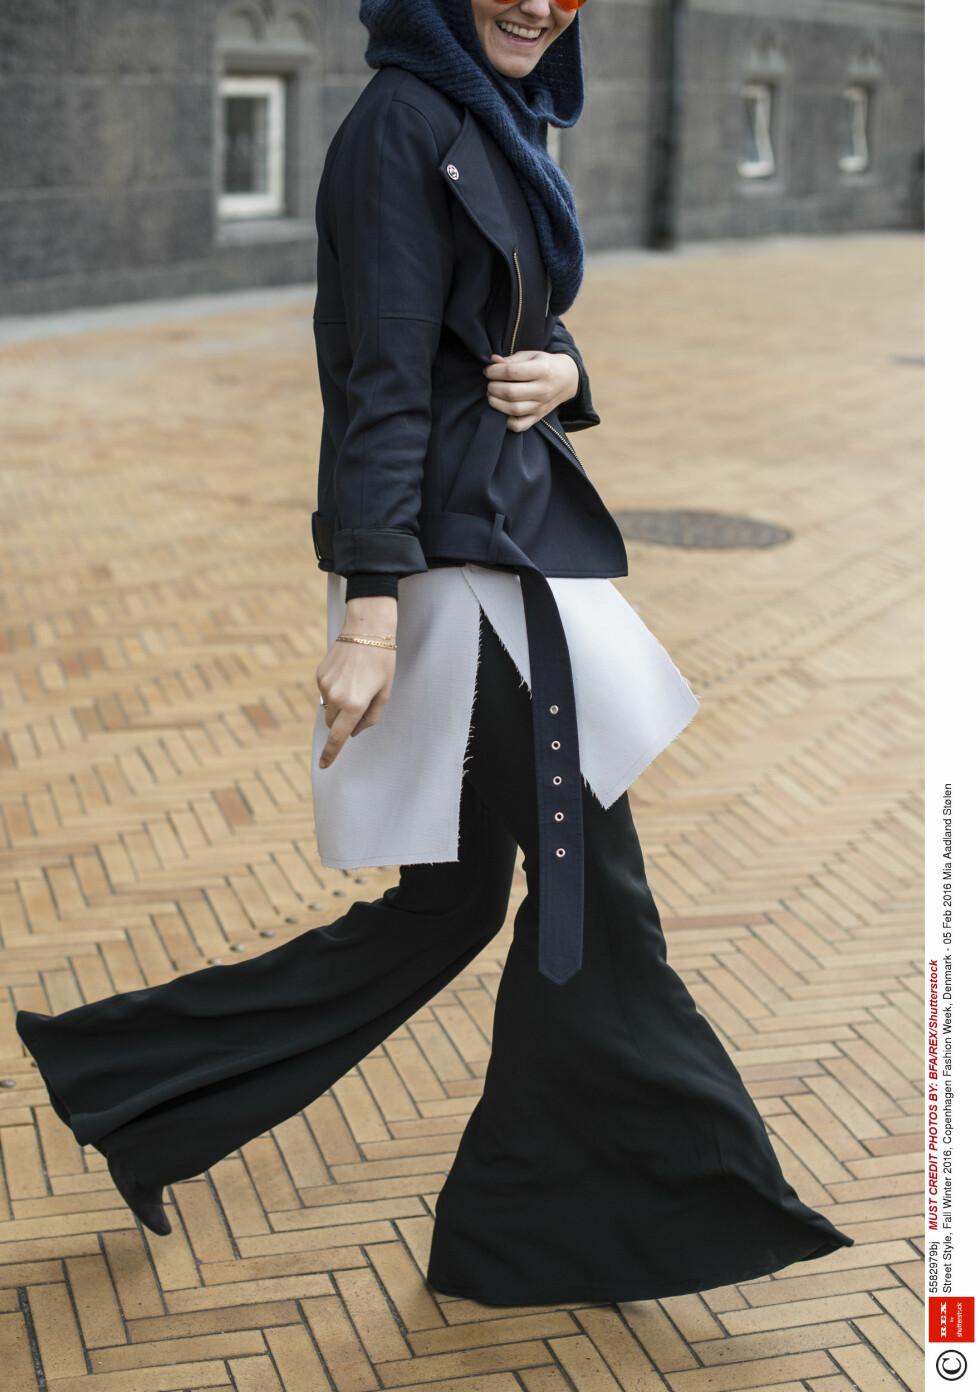 <strong>LAG PÅ LAG:</strong> Den perfekte måten å kle seg både trendy og varm på når det er kaldt.  Foto: Rex Features